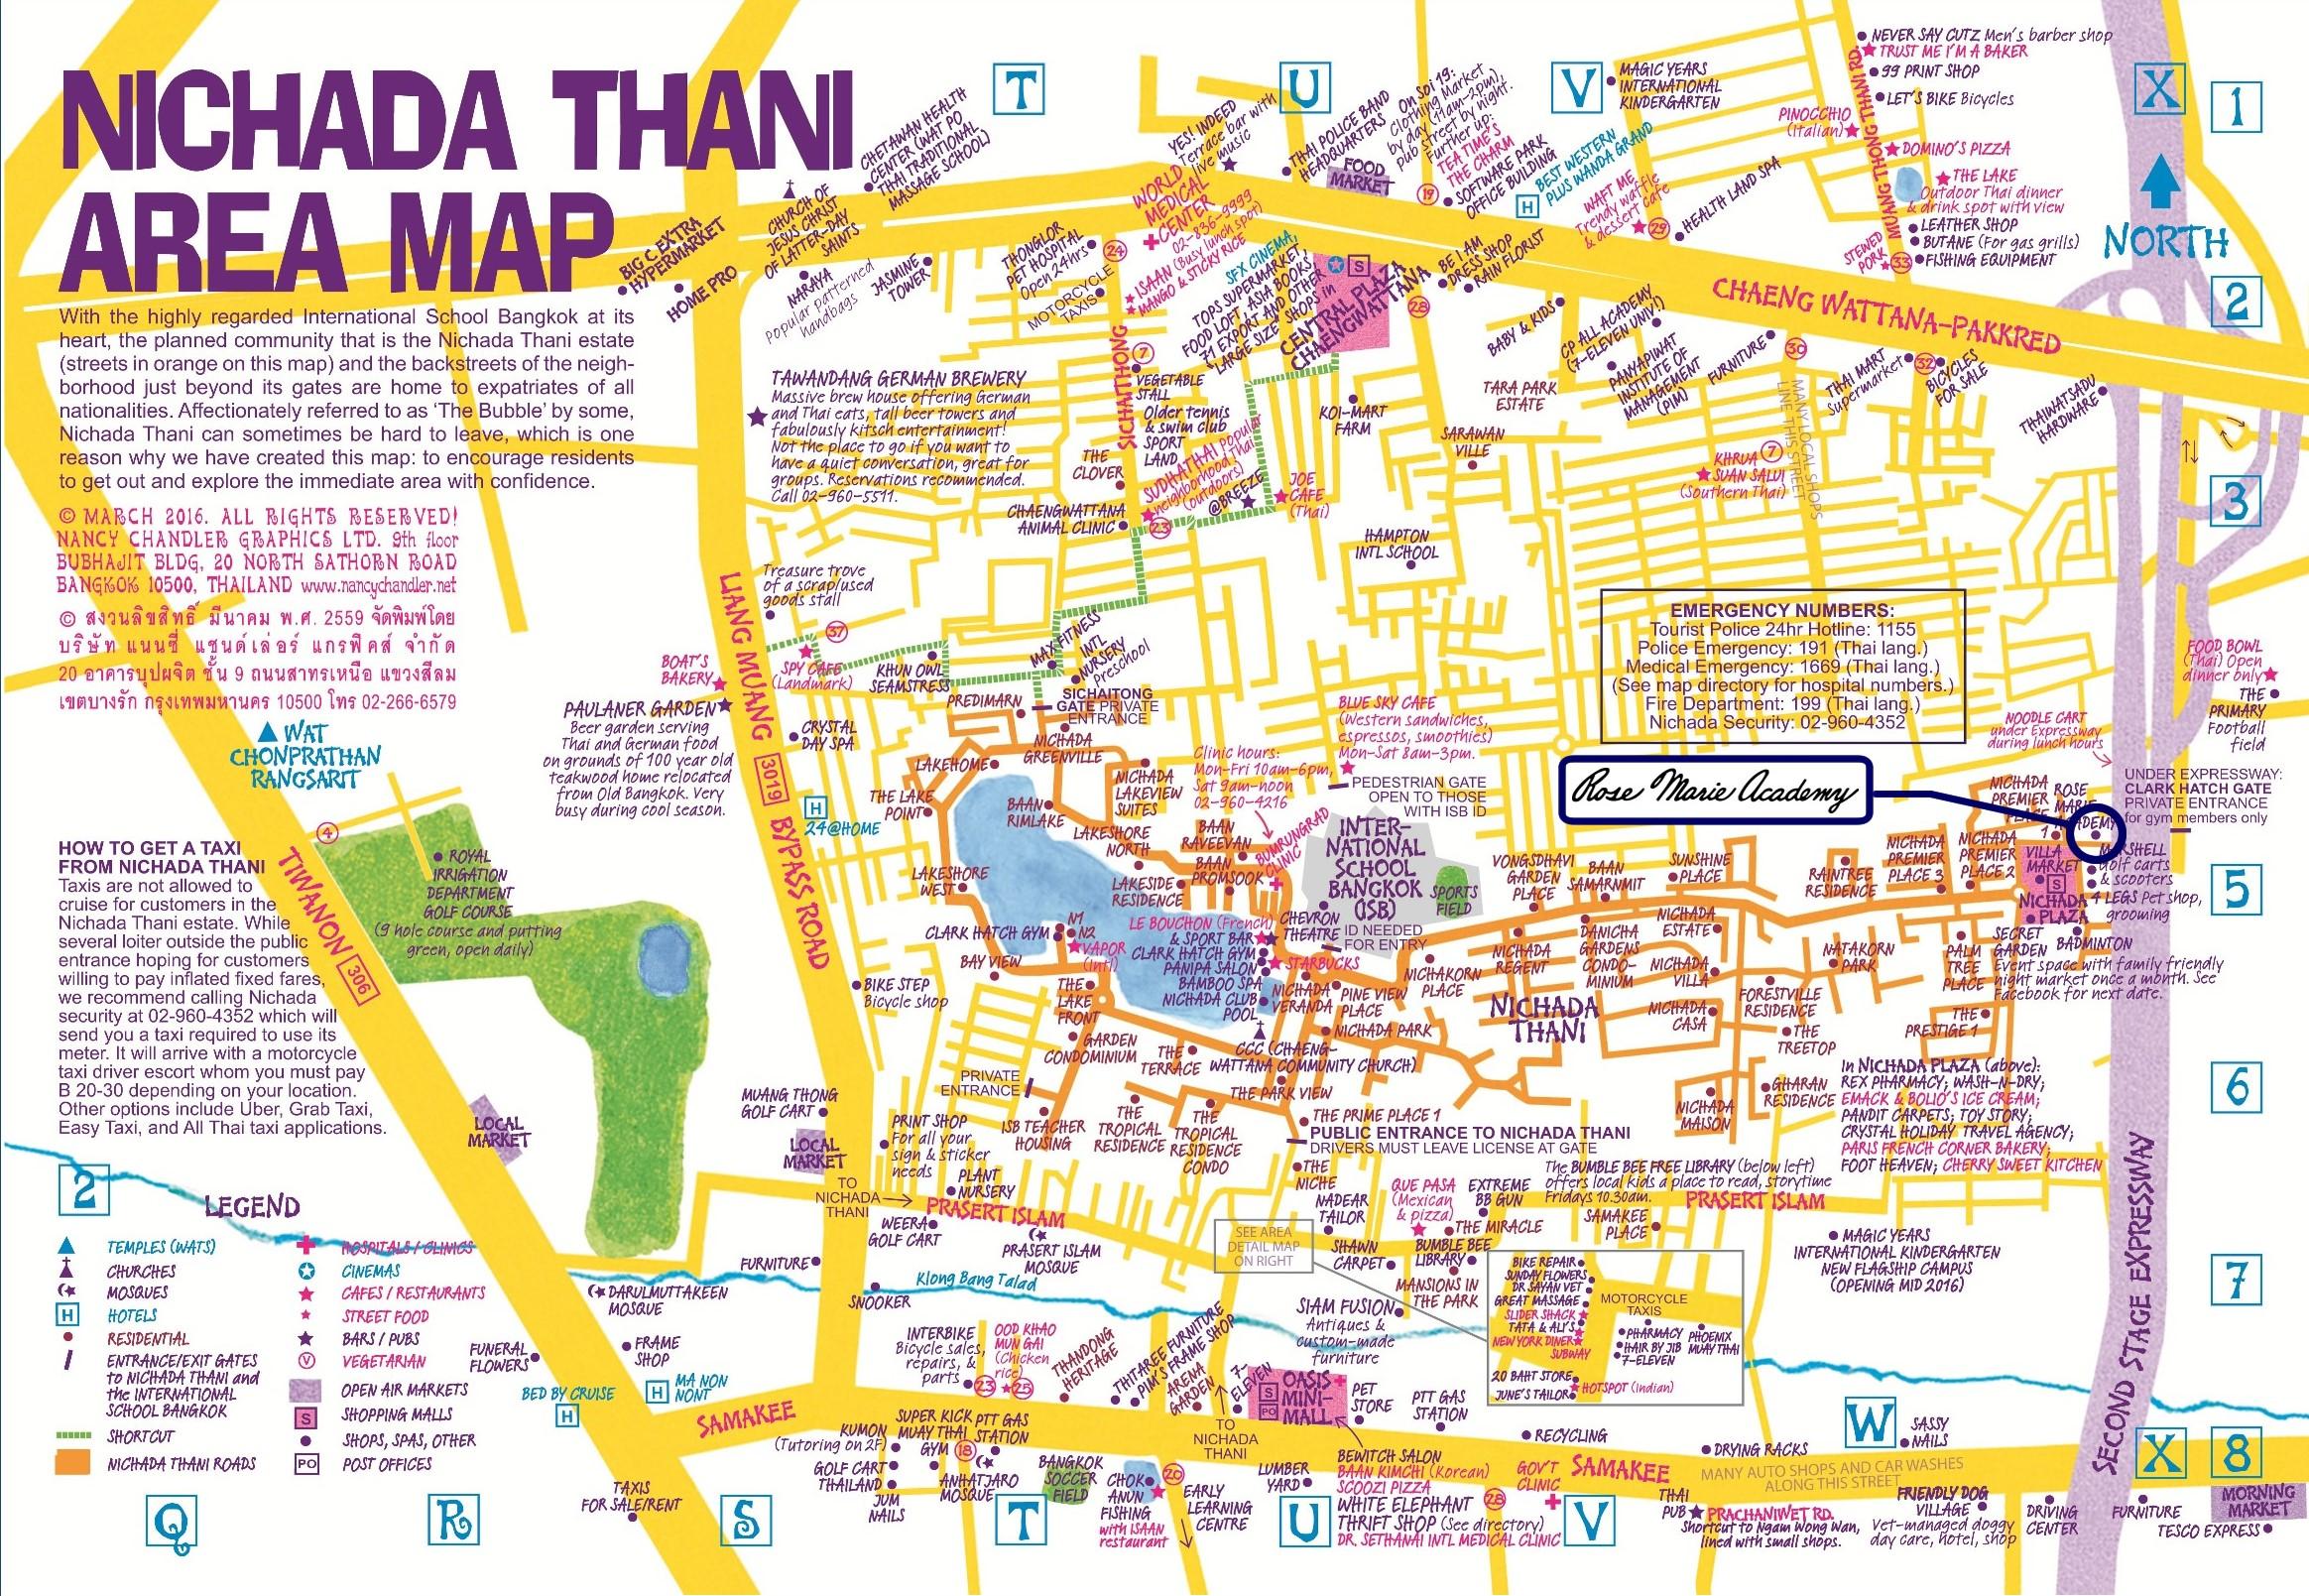 RMA-Nichada-Thani-Area-Map